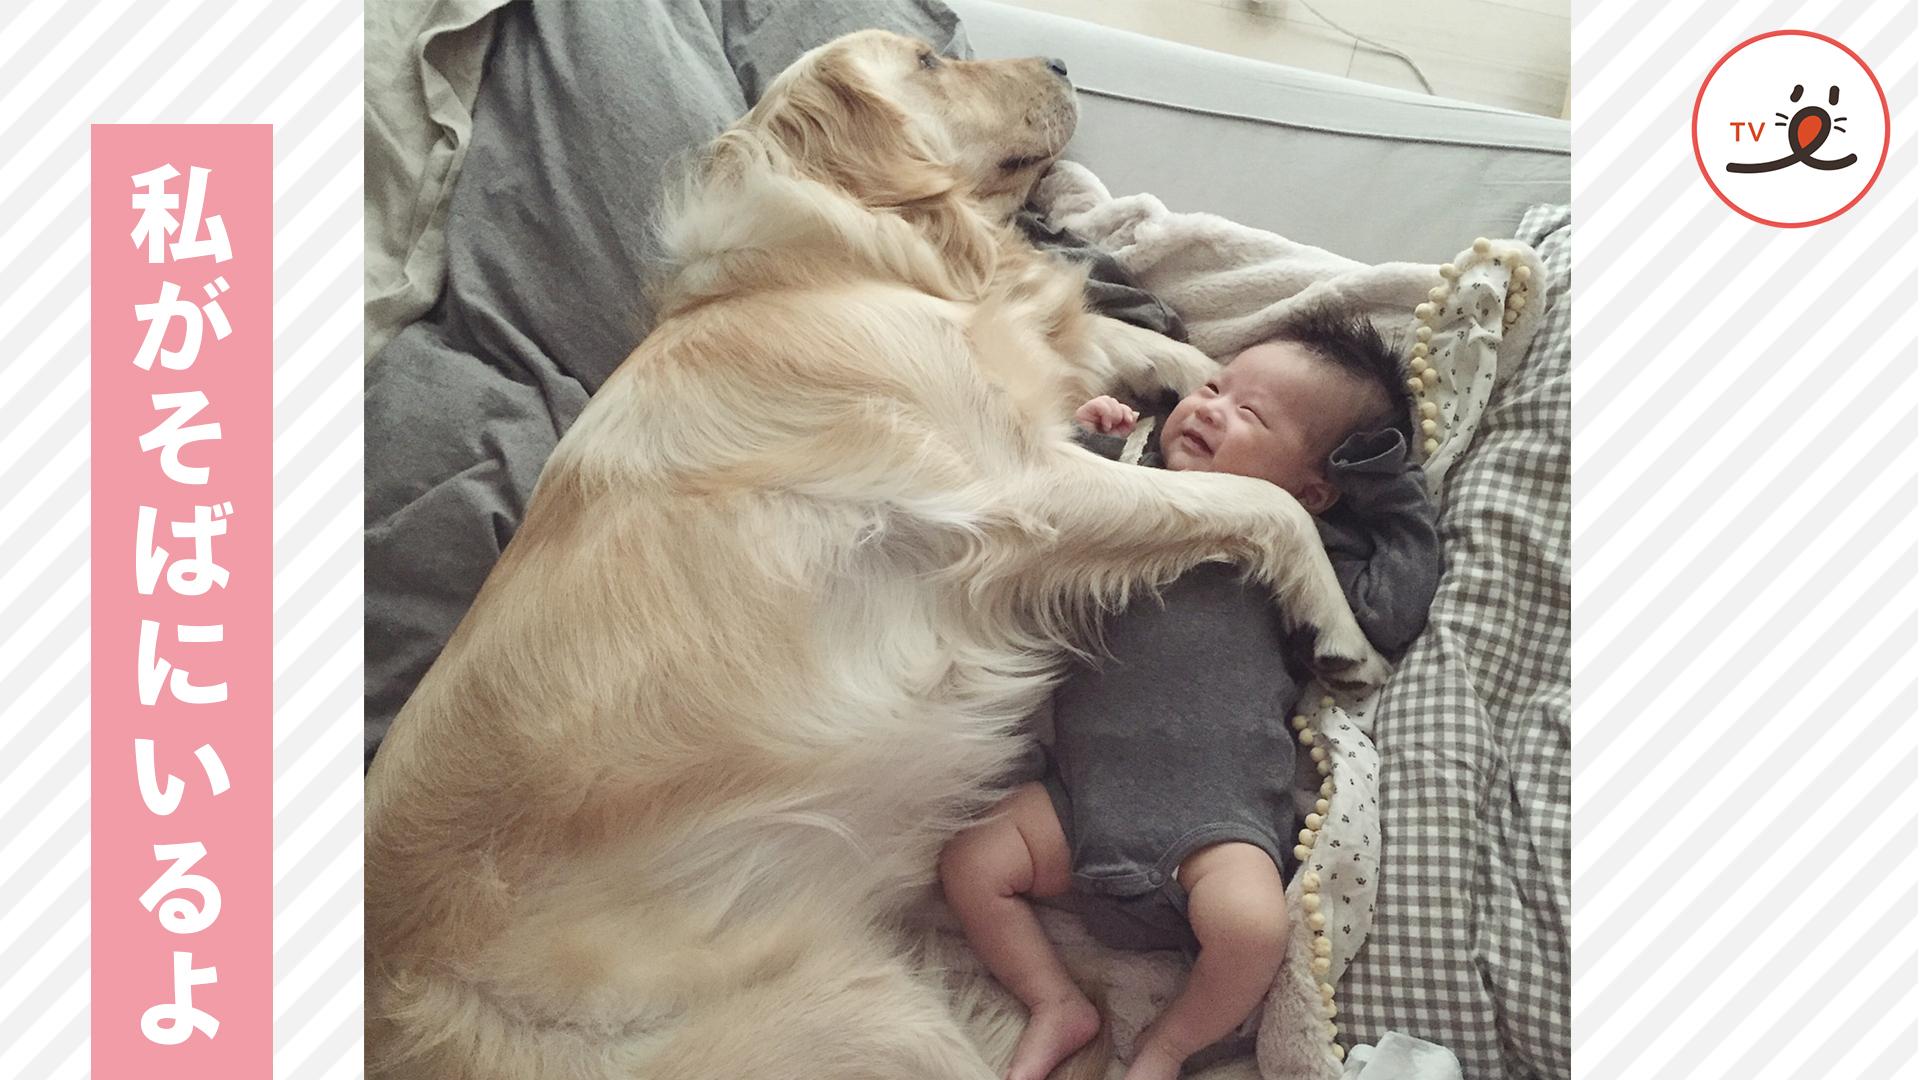 今日も一緒に寝よう😌 優しいお姉さんレトリバーと赤ちゃんの日々